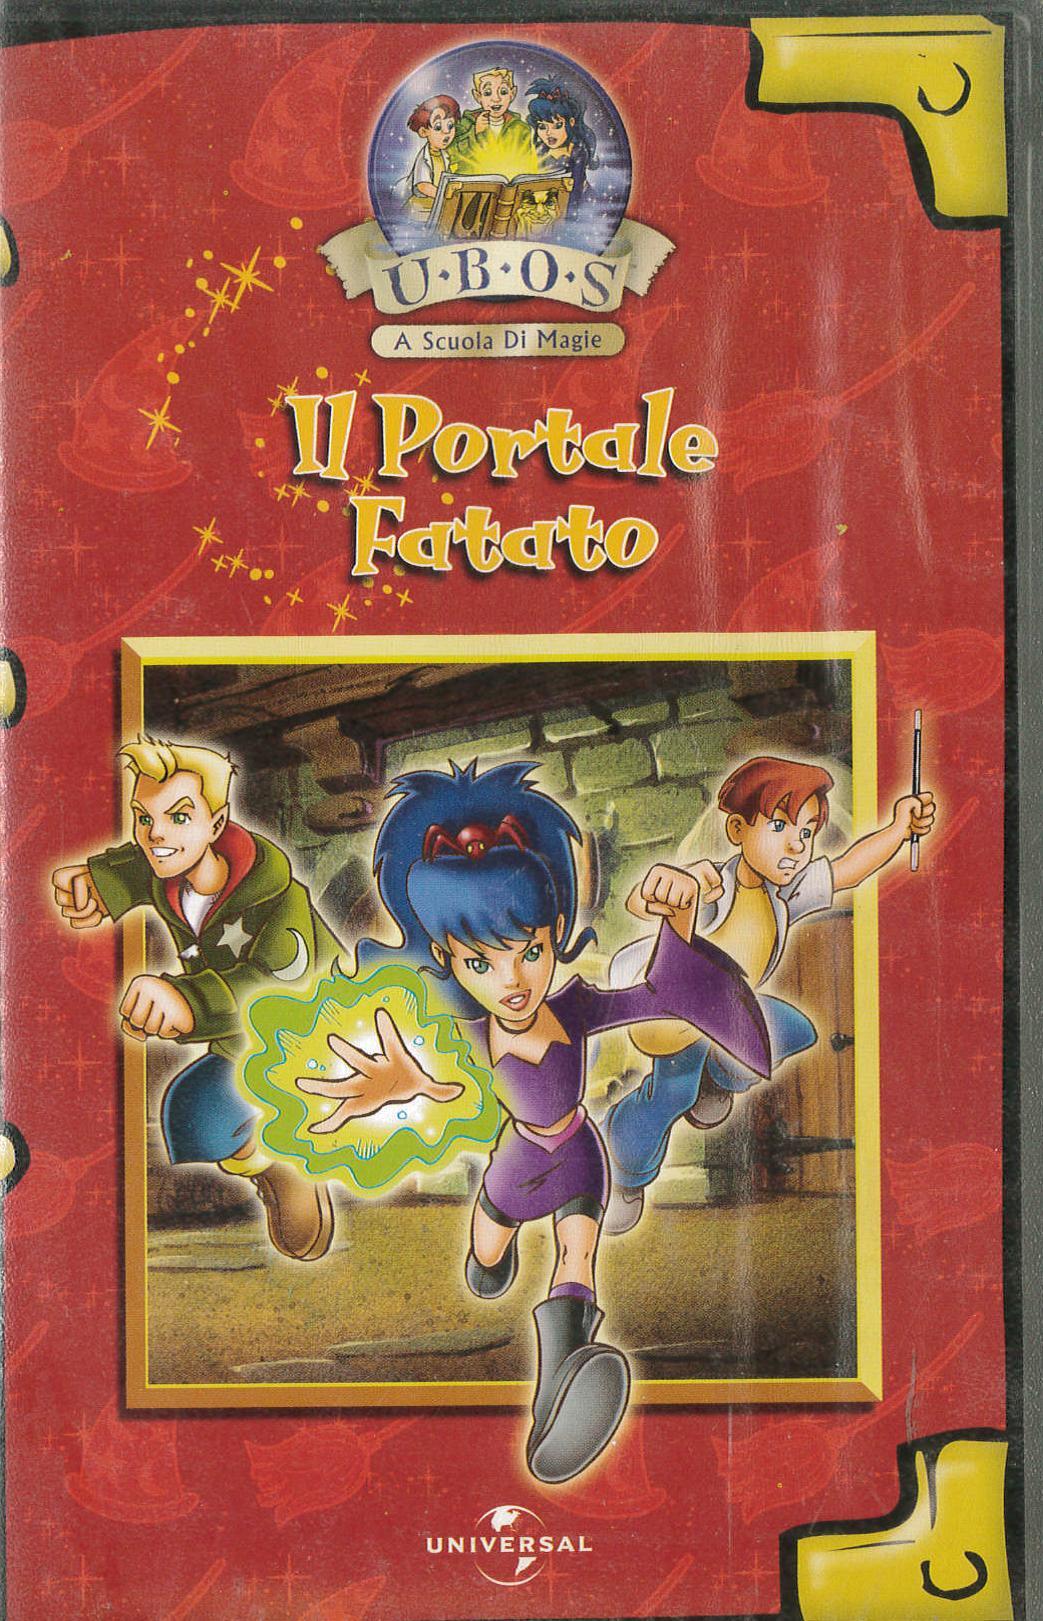 A SCUOLA DI MAGIA - IL PORTALE FATATTO - VHS EX NOLEGGIO (VHS)